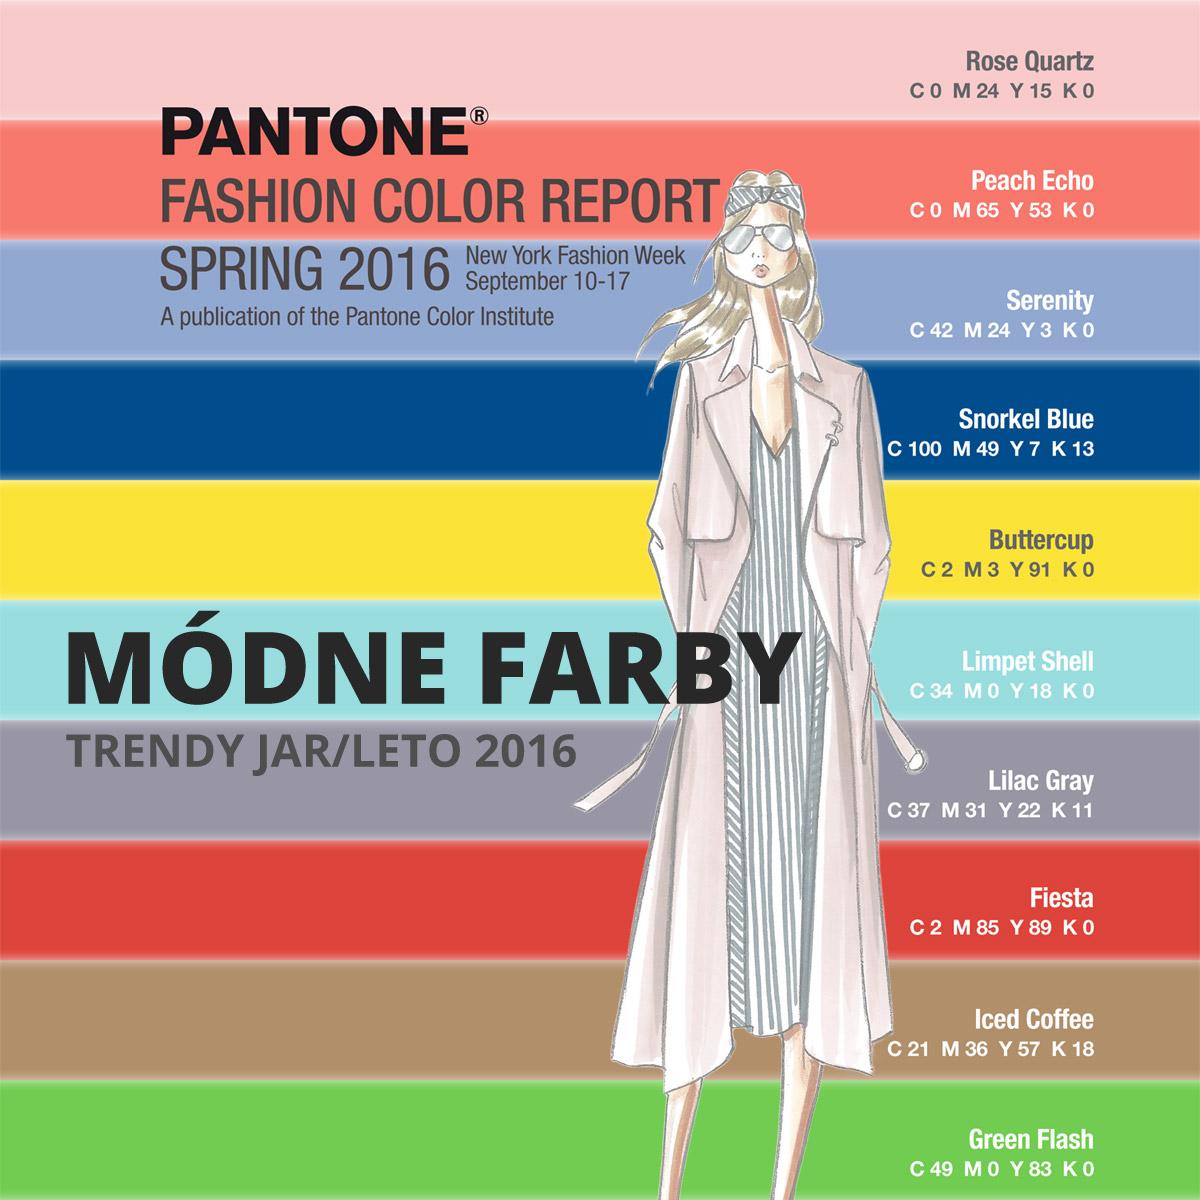 Farby 2016 – módne farby pre sezónu jar a leto 2016. Trendy farby pre oblečenie, módne doplnky, nábytok, interiéry aj pre kozmetiku a ako inšpirácia pre kaderníkov.